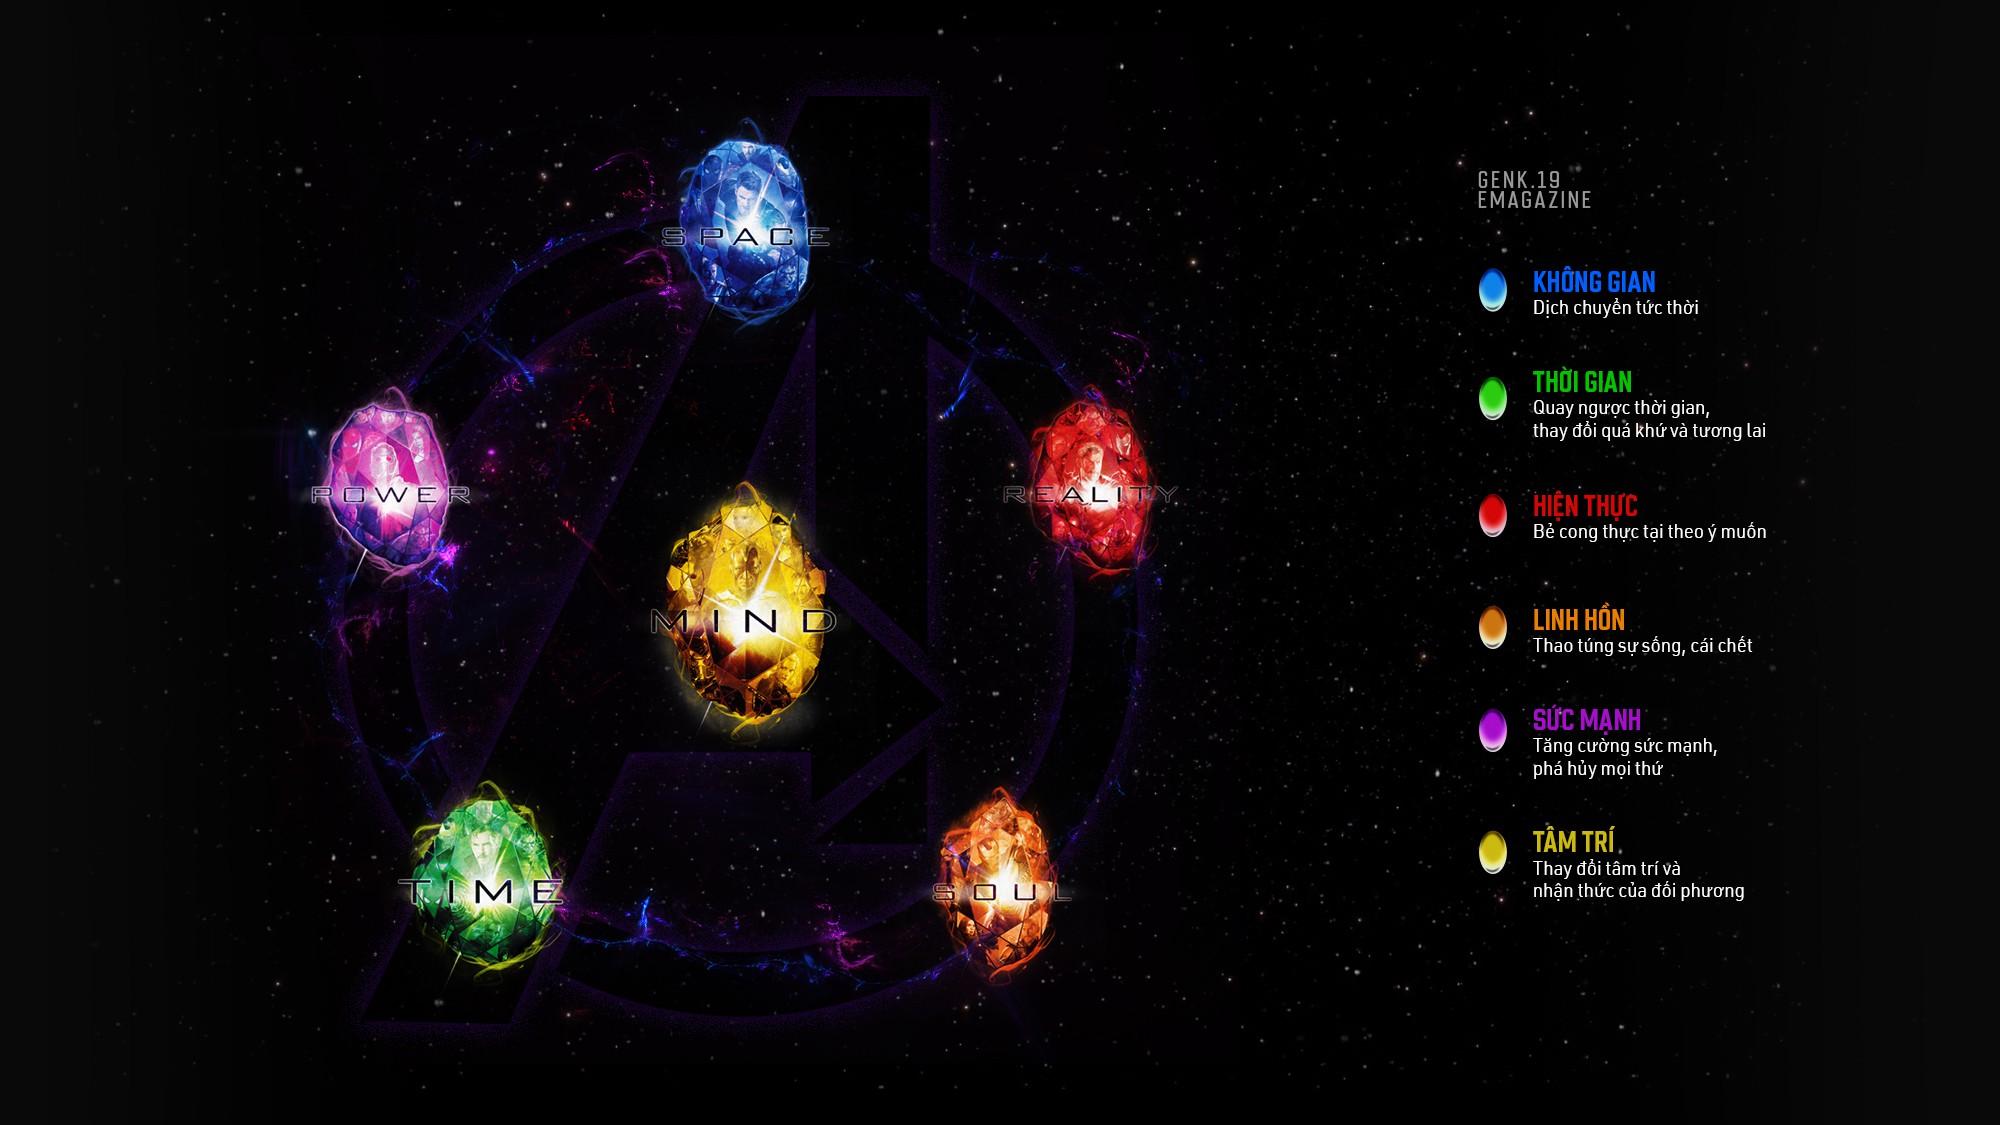 Thanos - Từ nhân vật vay mượn DC Comics đến vai phản diện tuyệt vời nhất trong lịch sử phim ảnh - Ảnh 13.